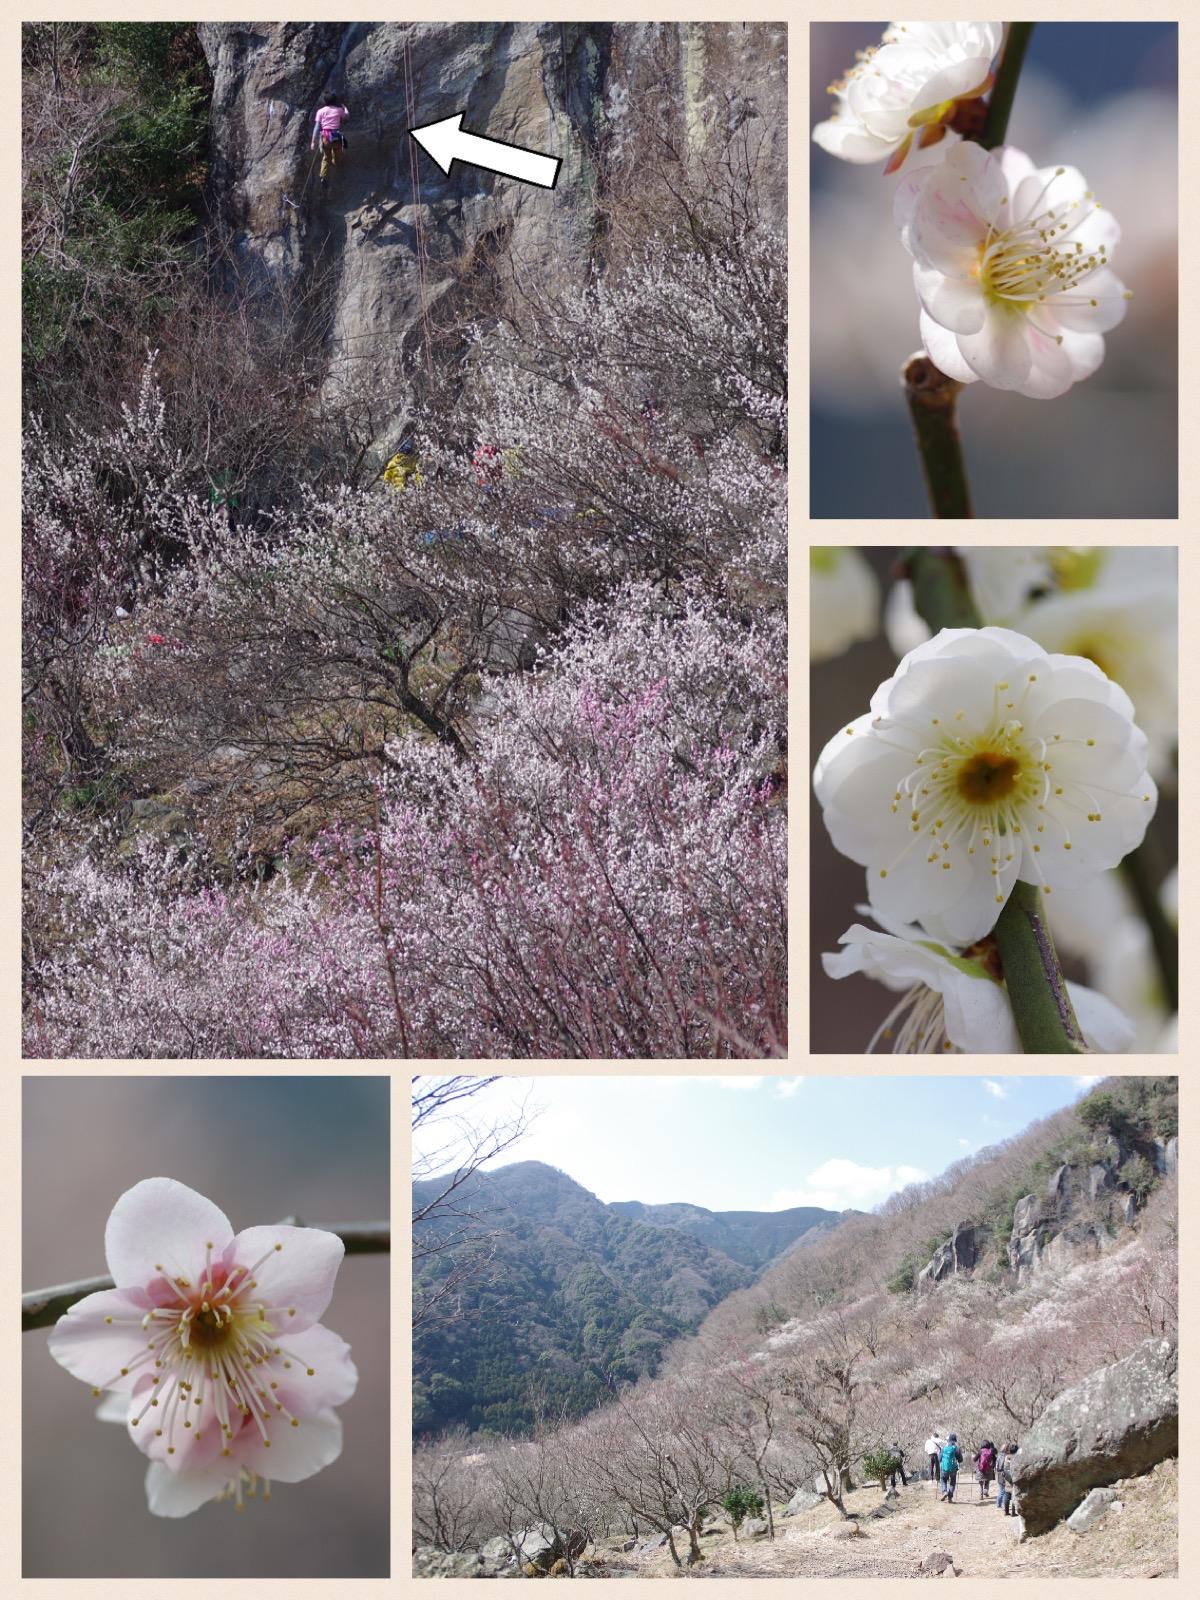 湯河原梅林(幕山梅林)梅の宴 2016